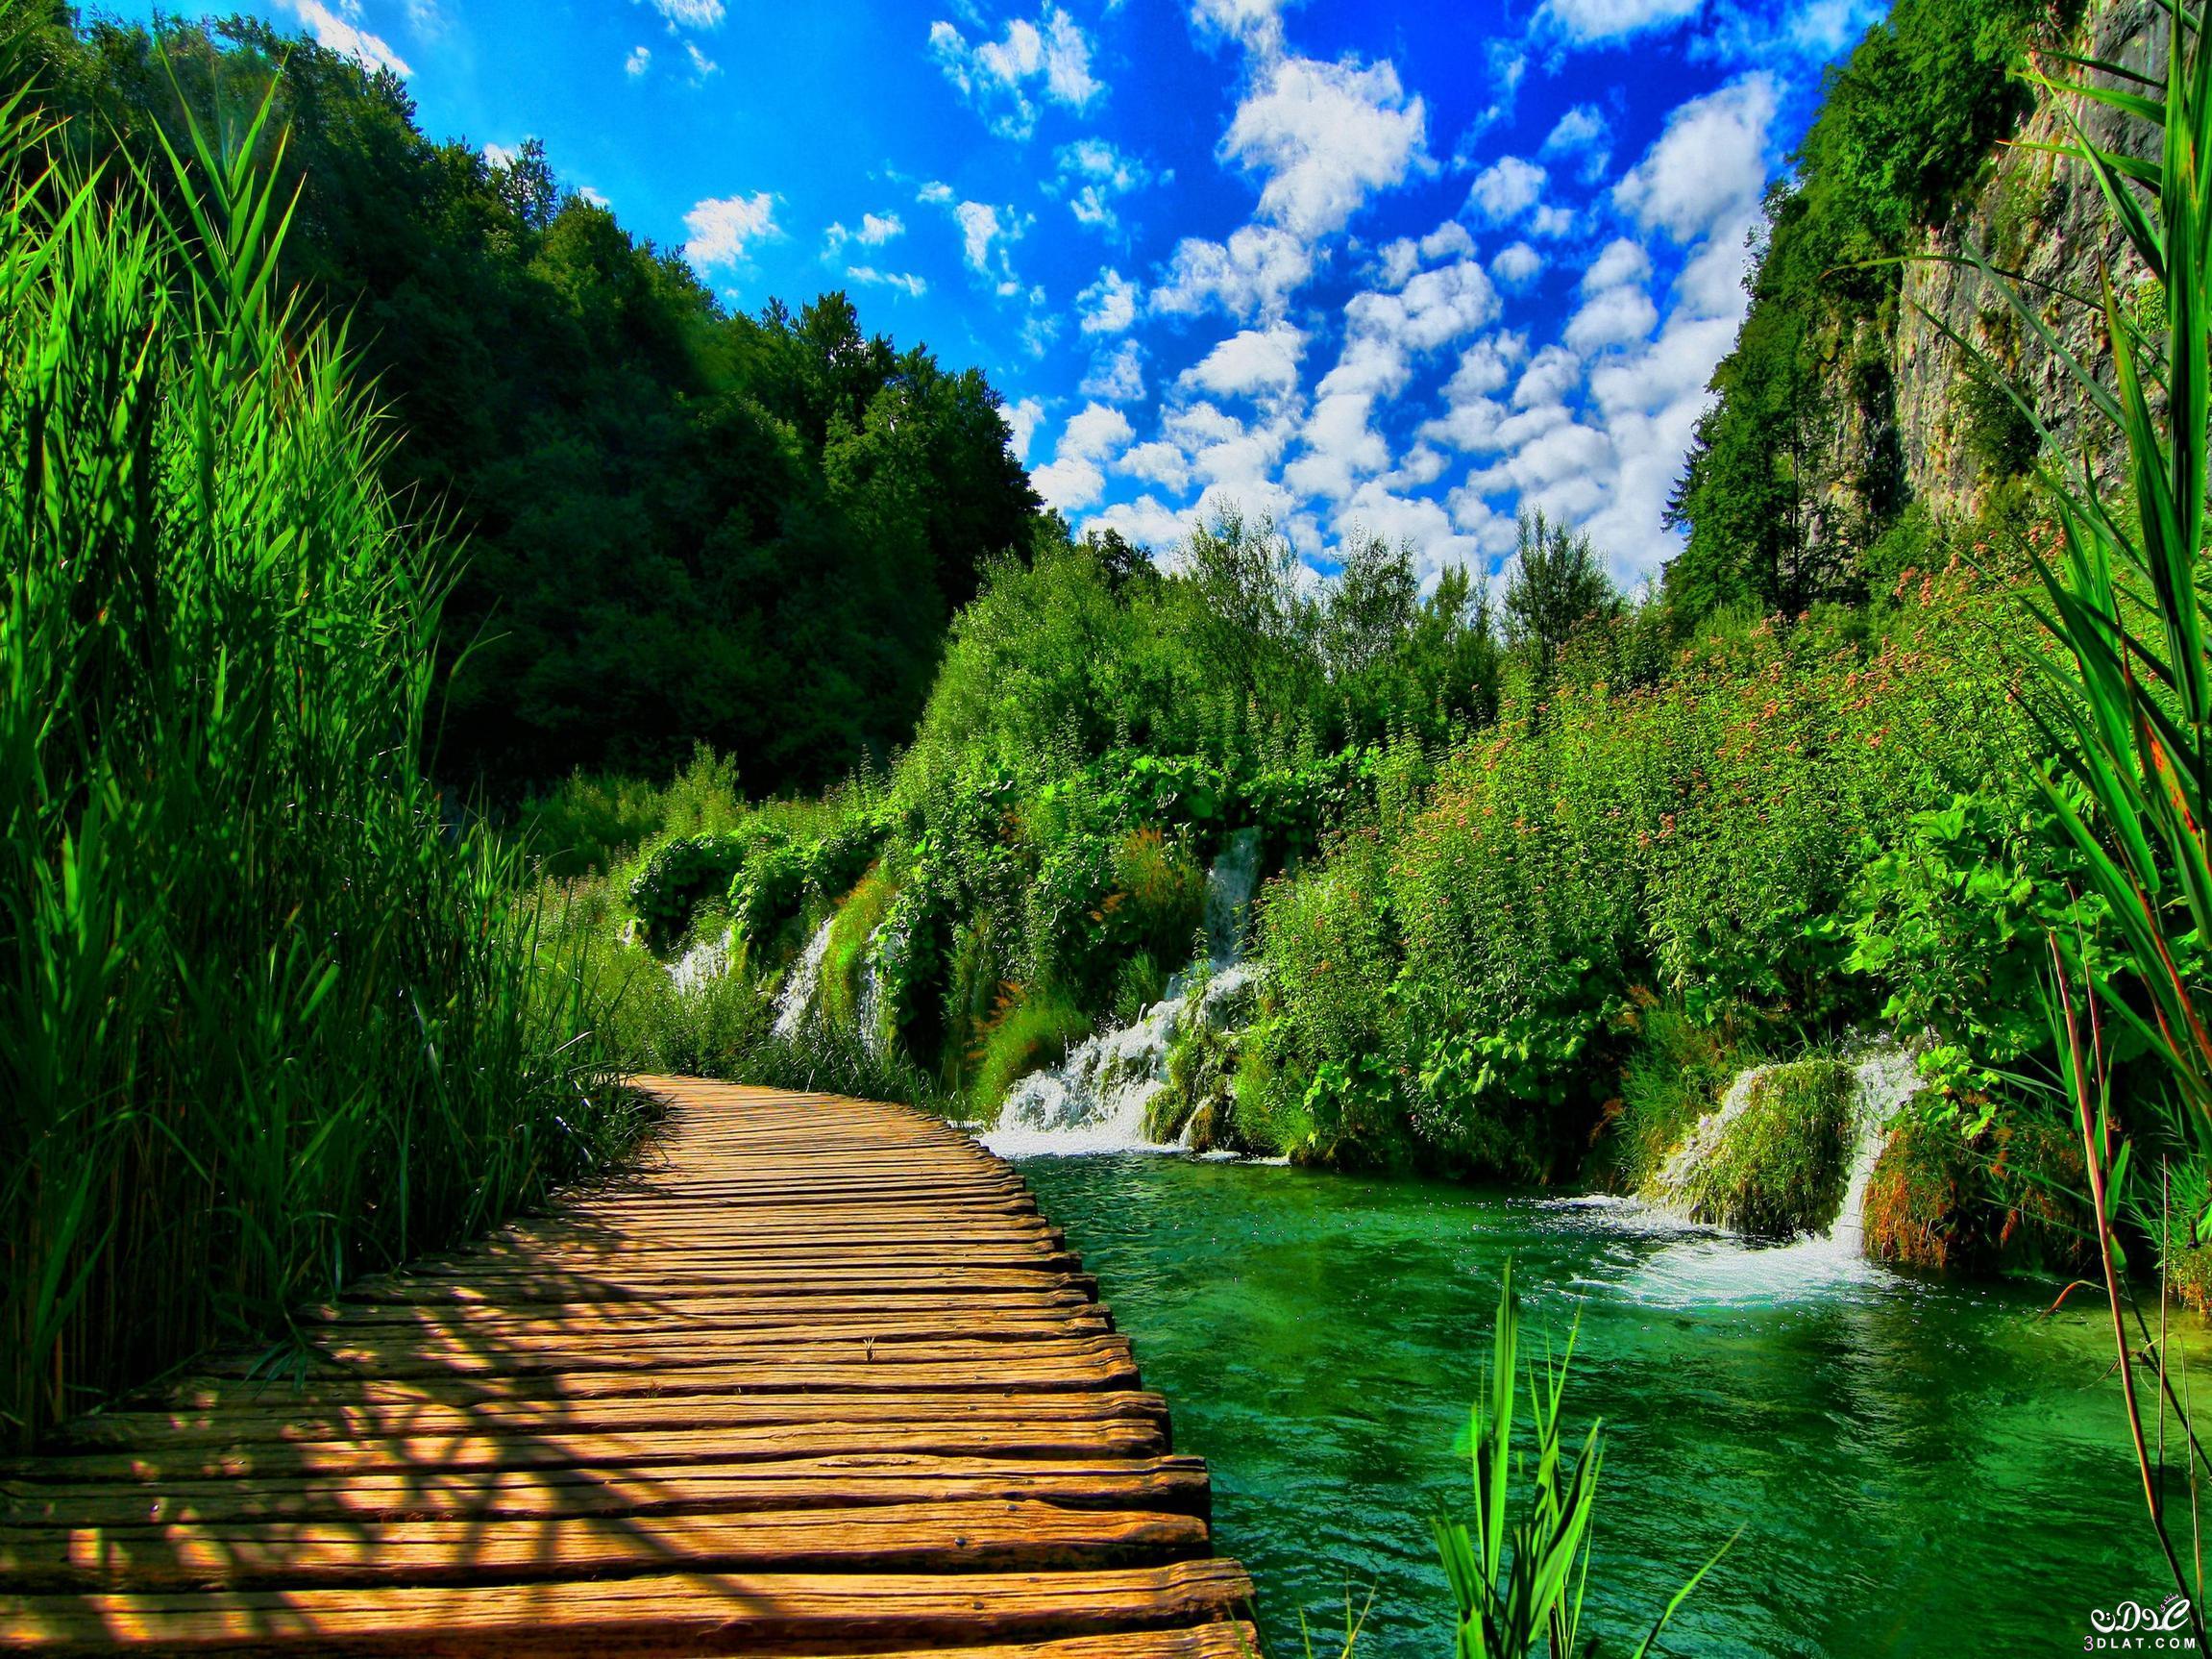 اجمل صور الطبيعة الخلابة 10